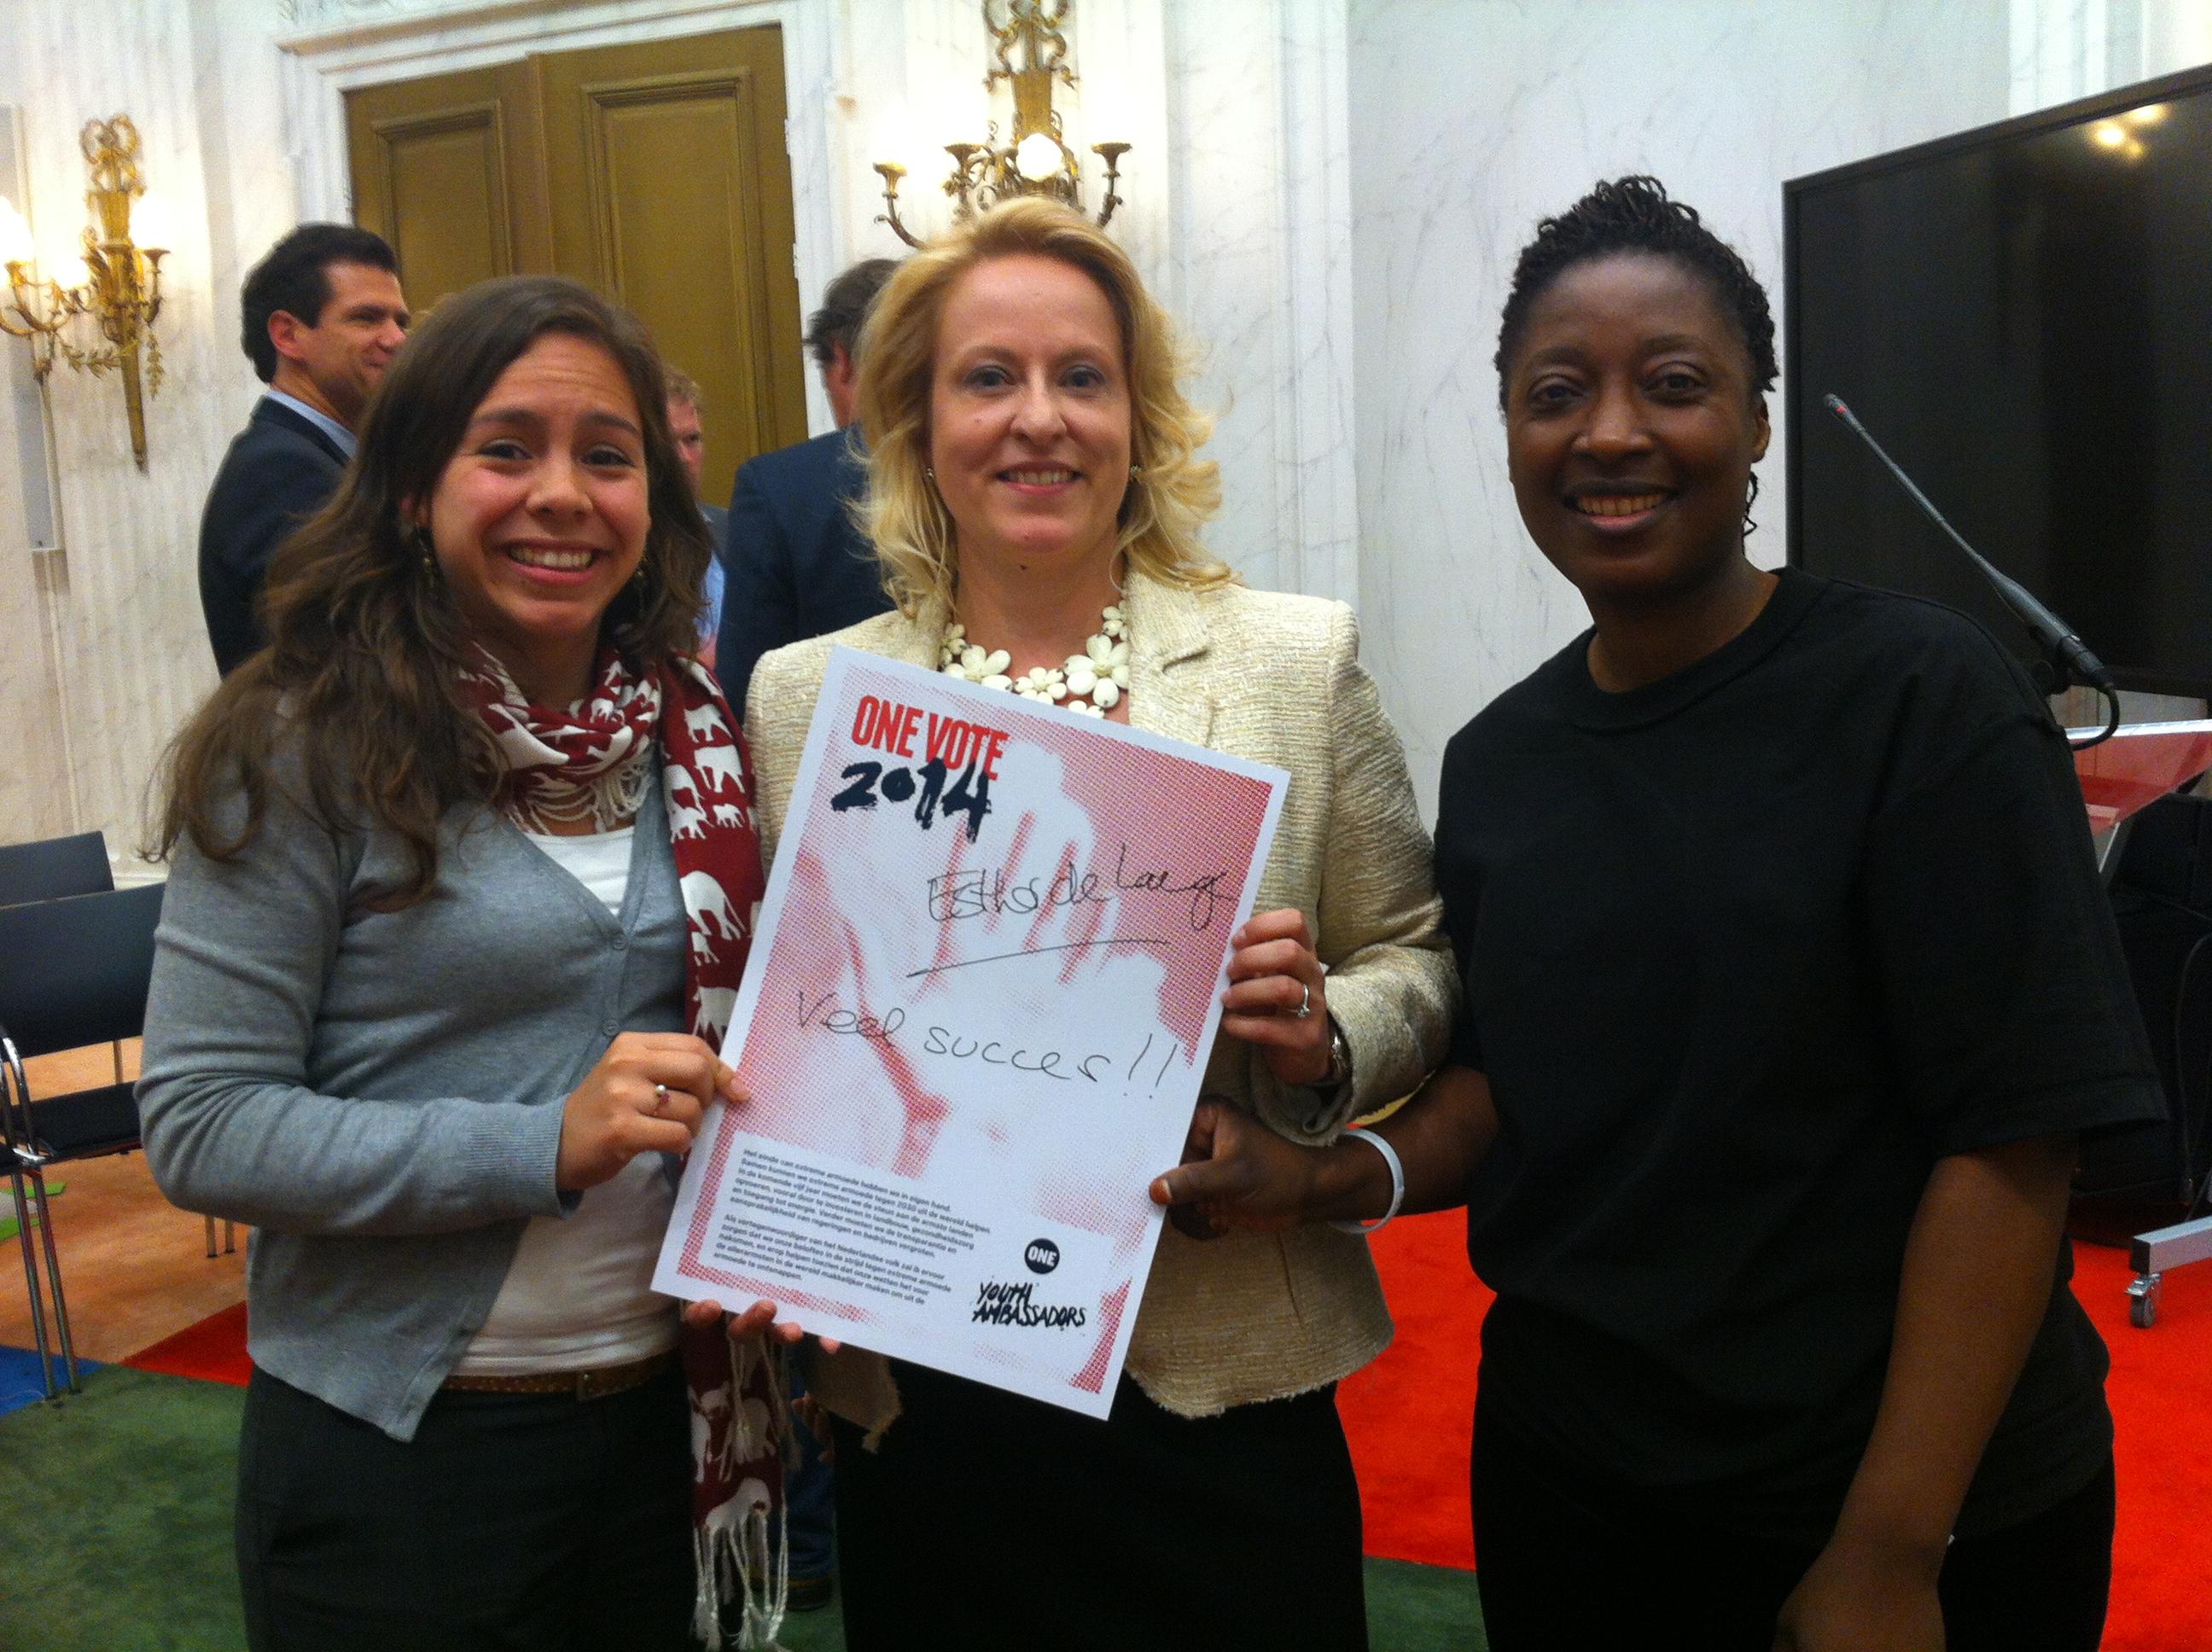 Esther de Lange met Jeugdambassadeur Jessica Keetelaar en Judith Akebe